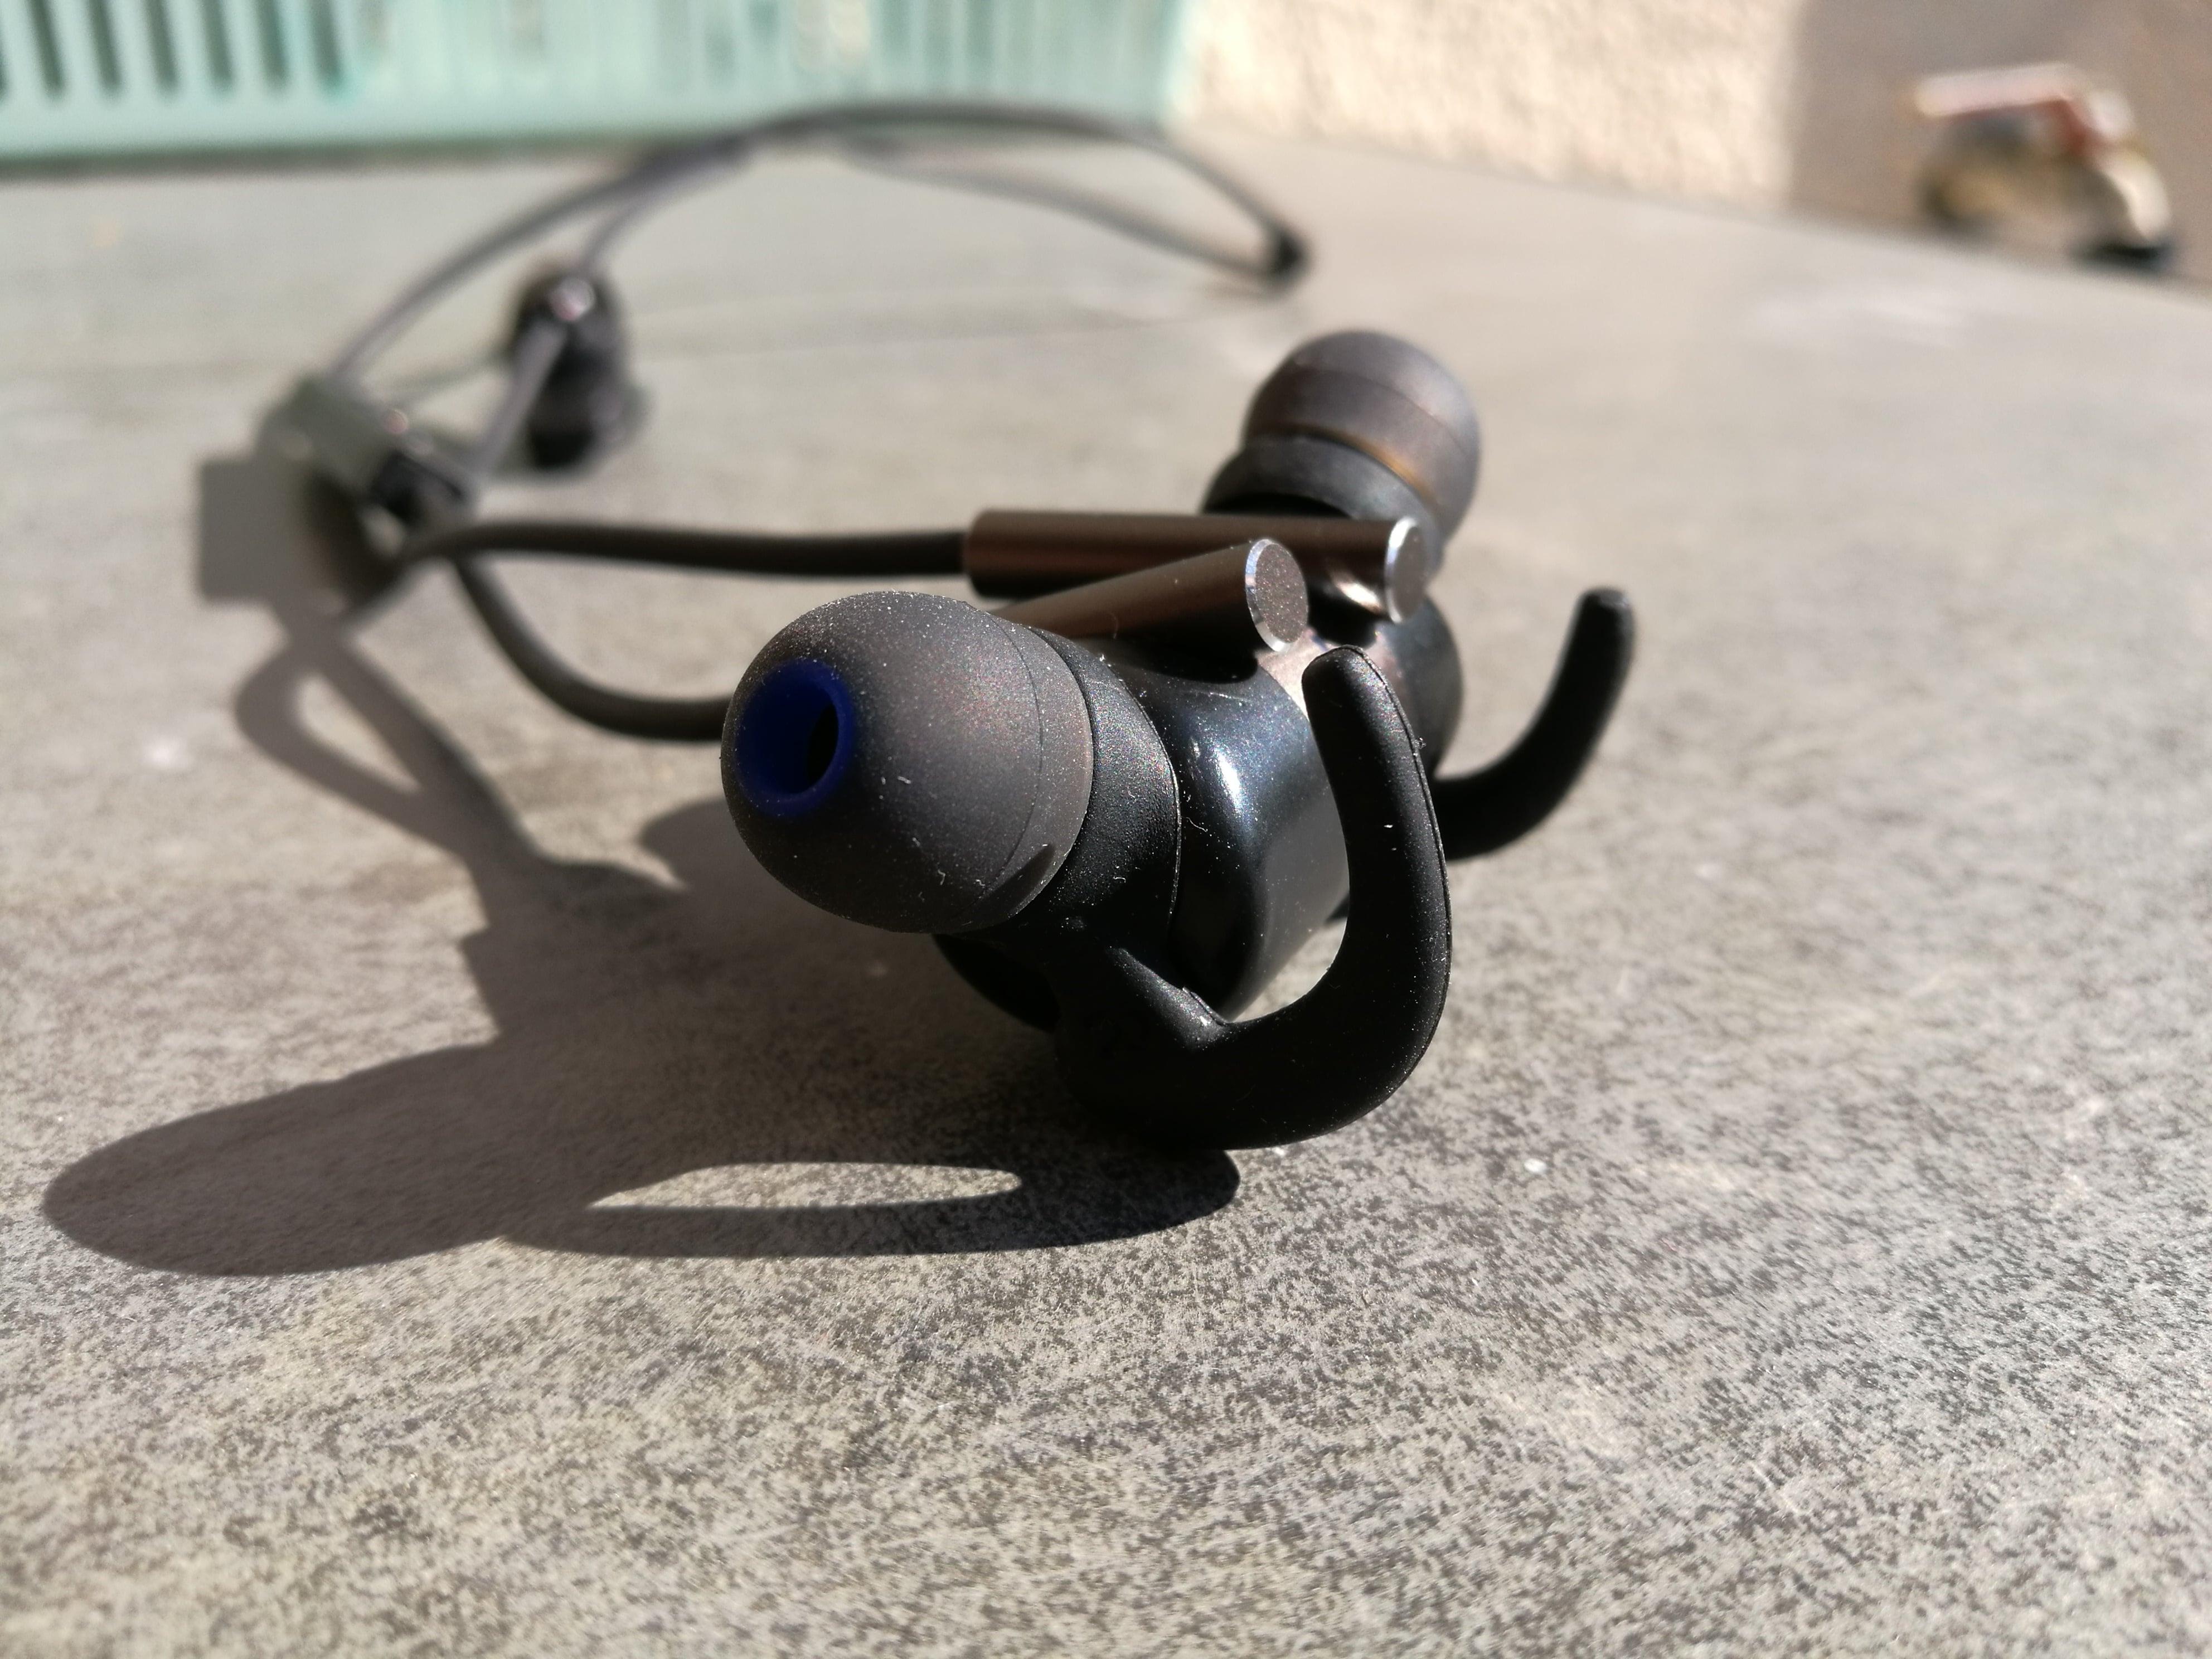 Recenzja bezprzewodowych słuchawek Bluetooth Snab Overtone EP-82M BT 19